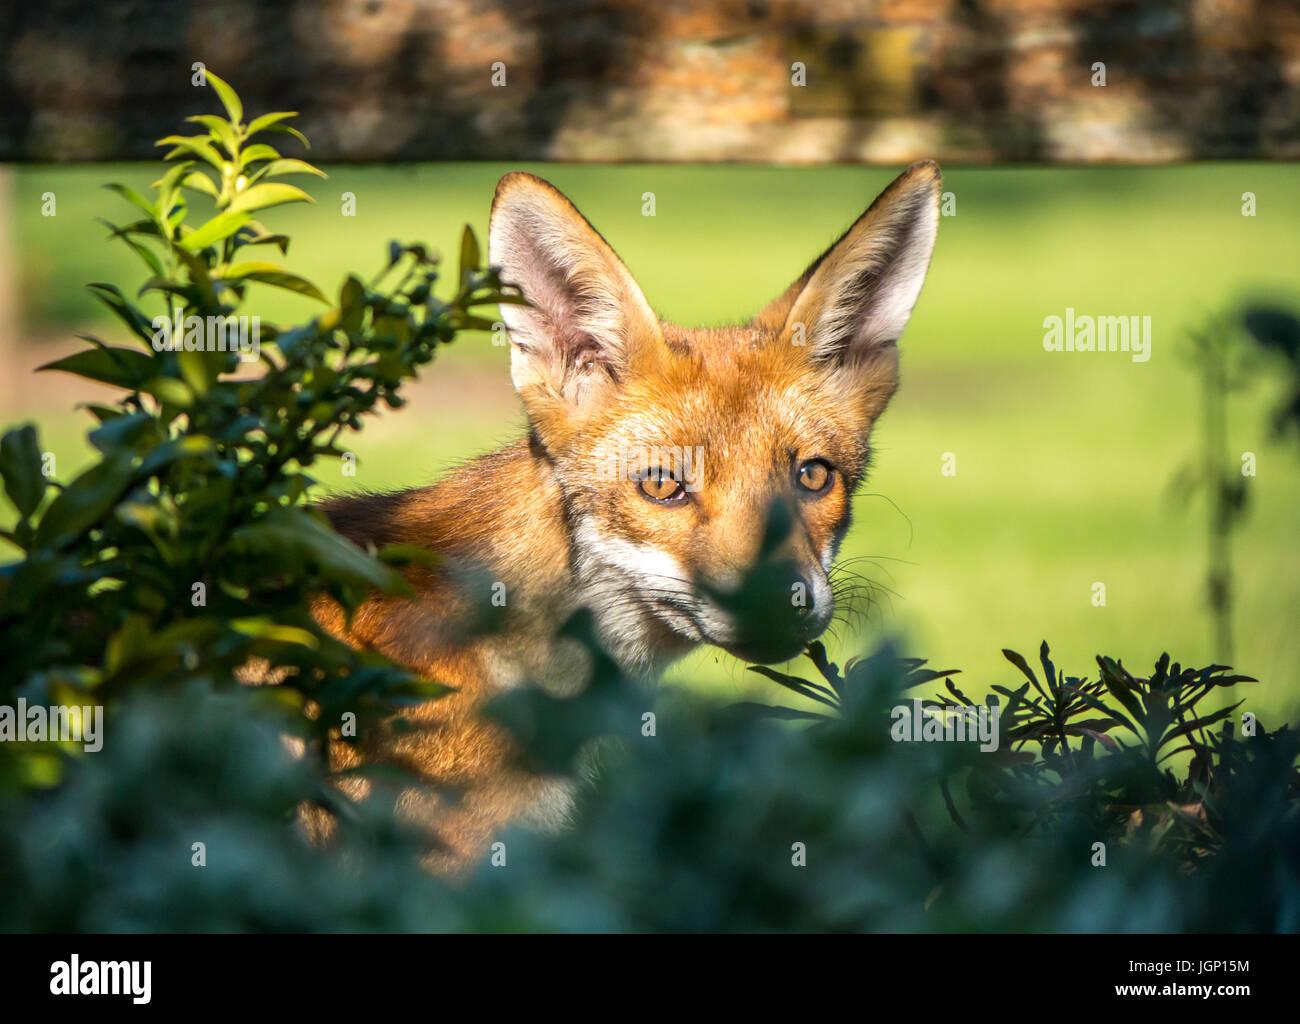 close-up-of-an-urban-fox-in-a-london-gar